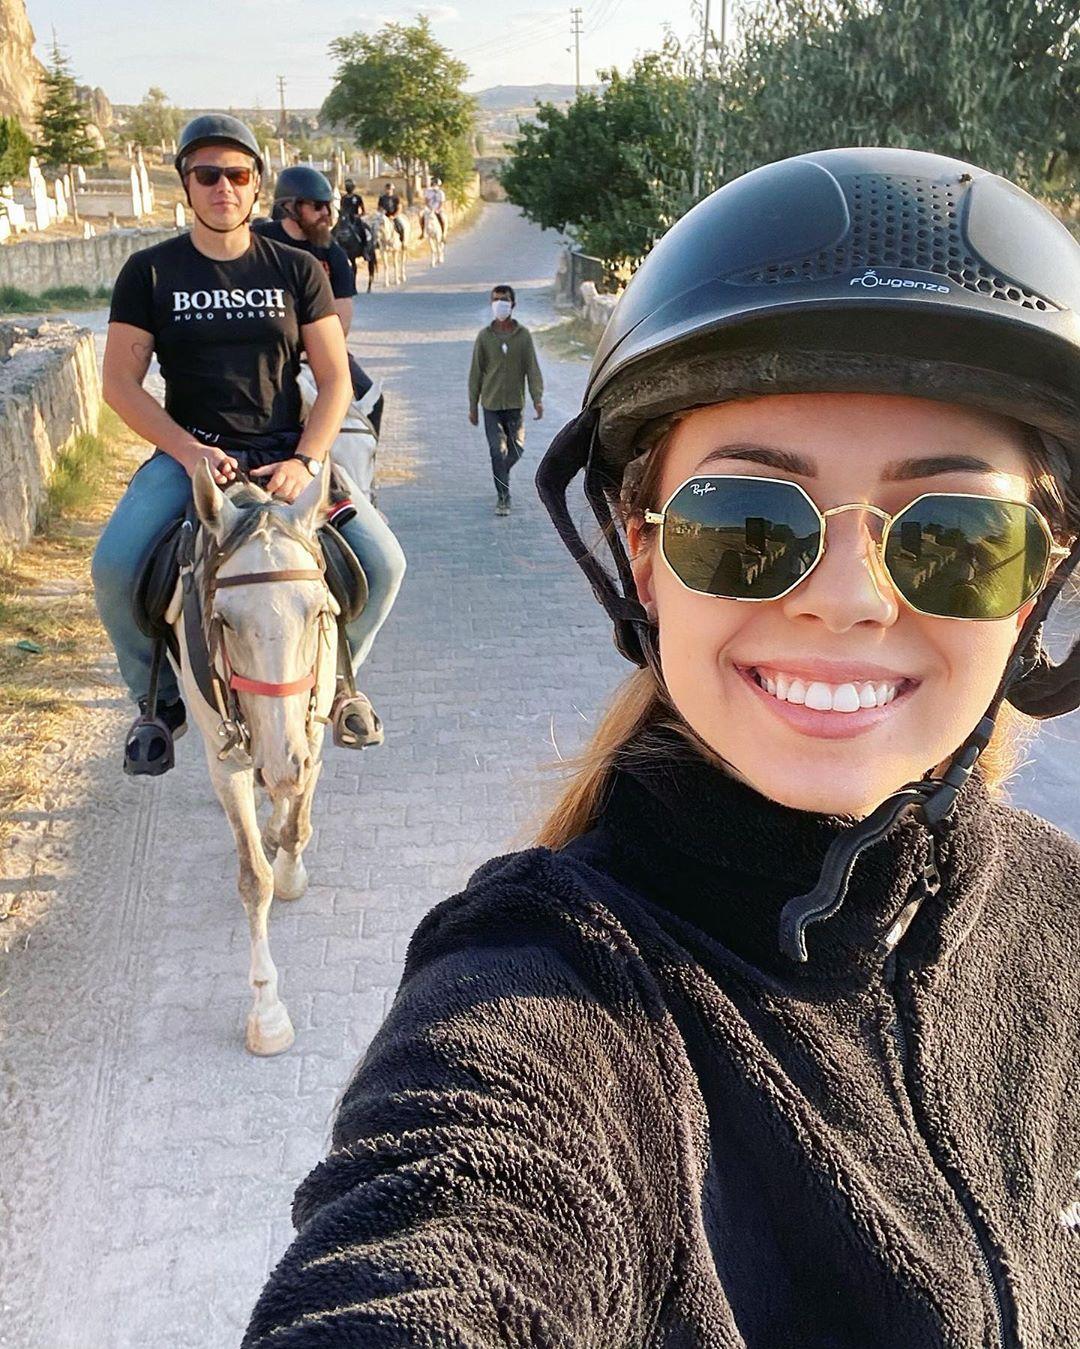 Пара отдыхает в Турции / фото Анастасия Зинченко, Instagram